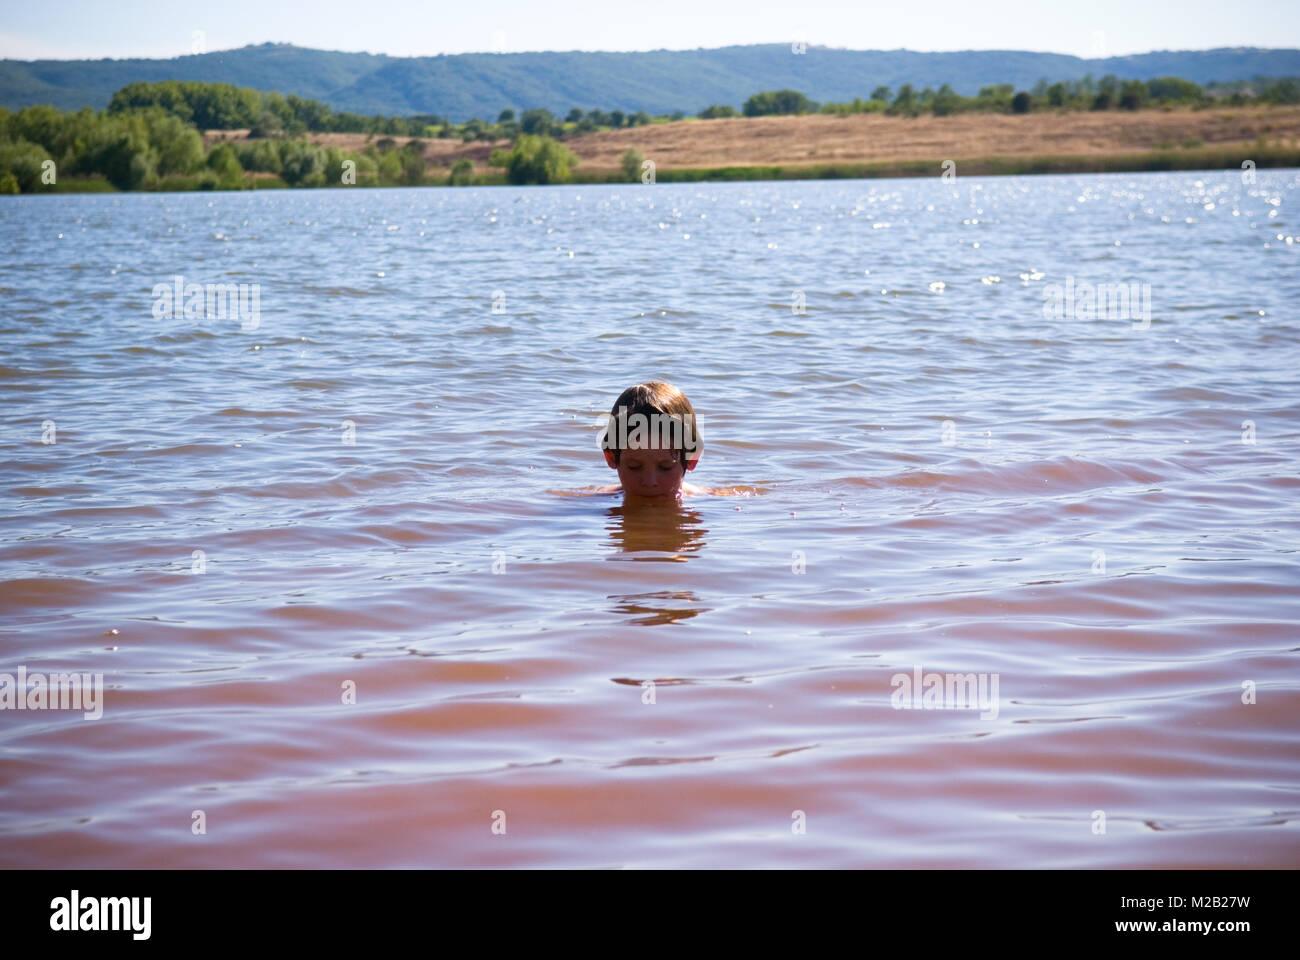 Ein zehn Jahre alter Junge, nur mit dem Kopf über Wasser, sieht hinunter in die düstere rosa Wasser des Stockbild